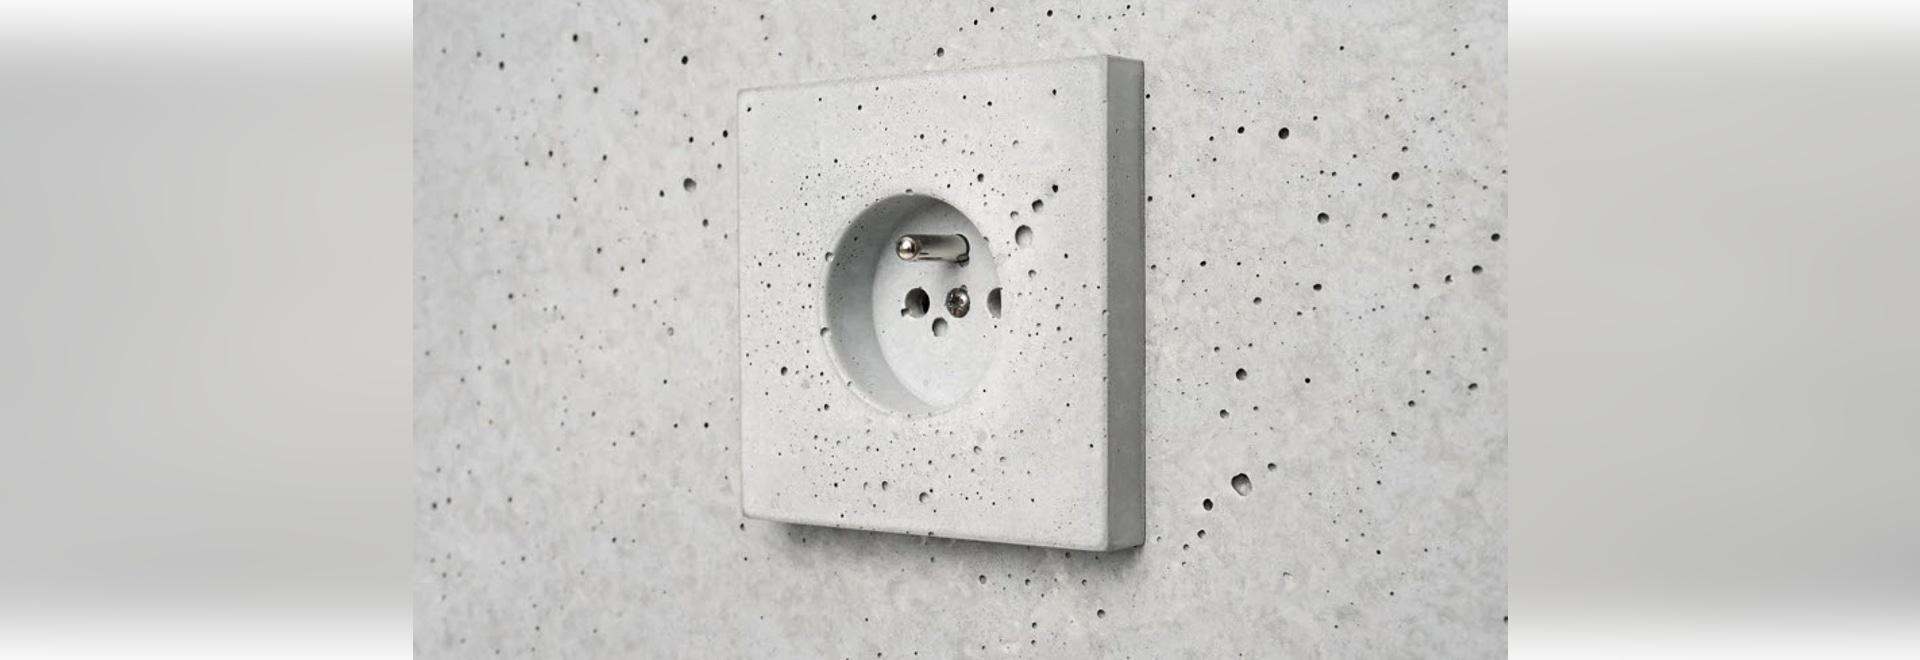 Sekhina fabrique des interrupteurs et des prises en béton comme alternative durable au plastique